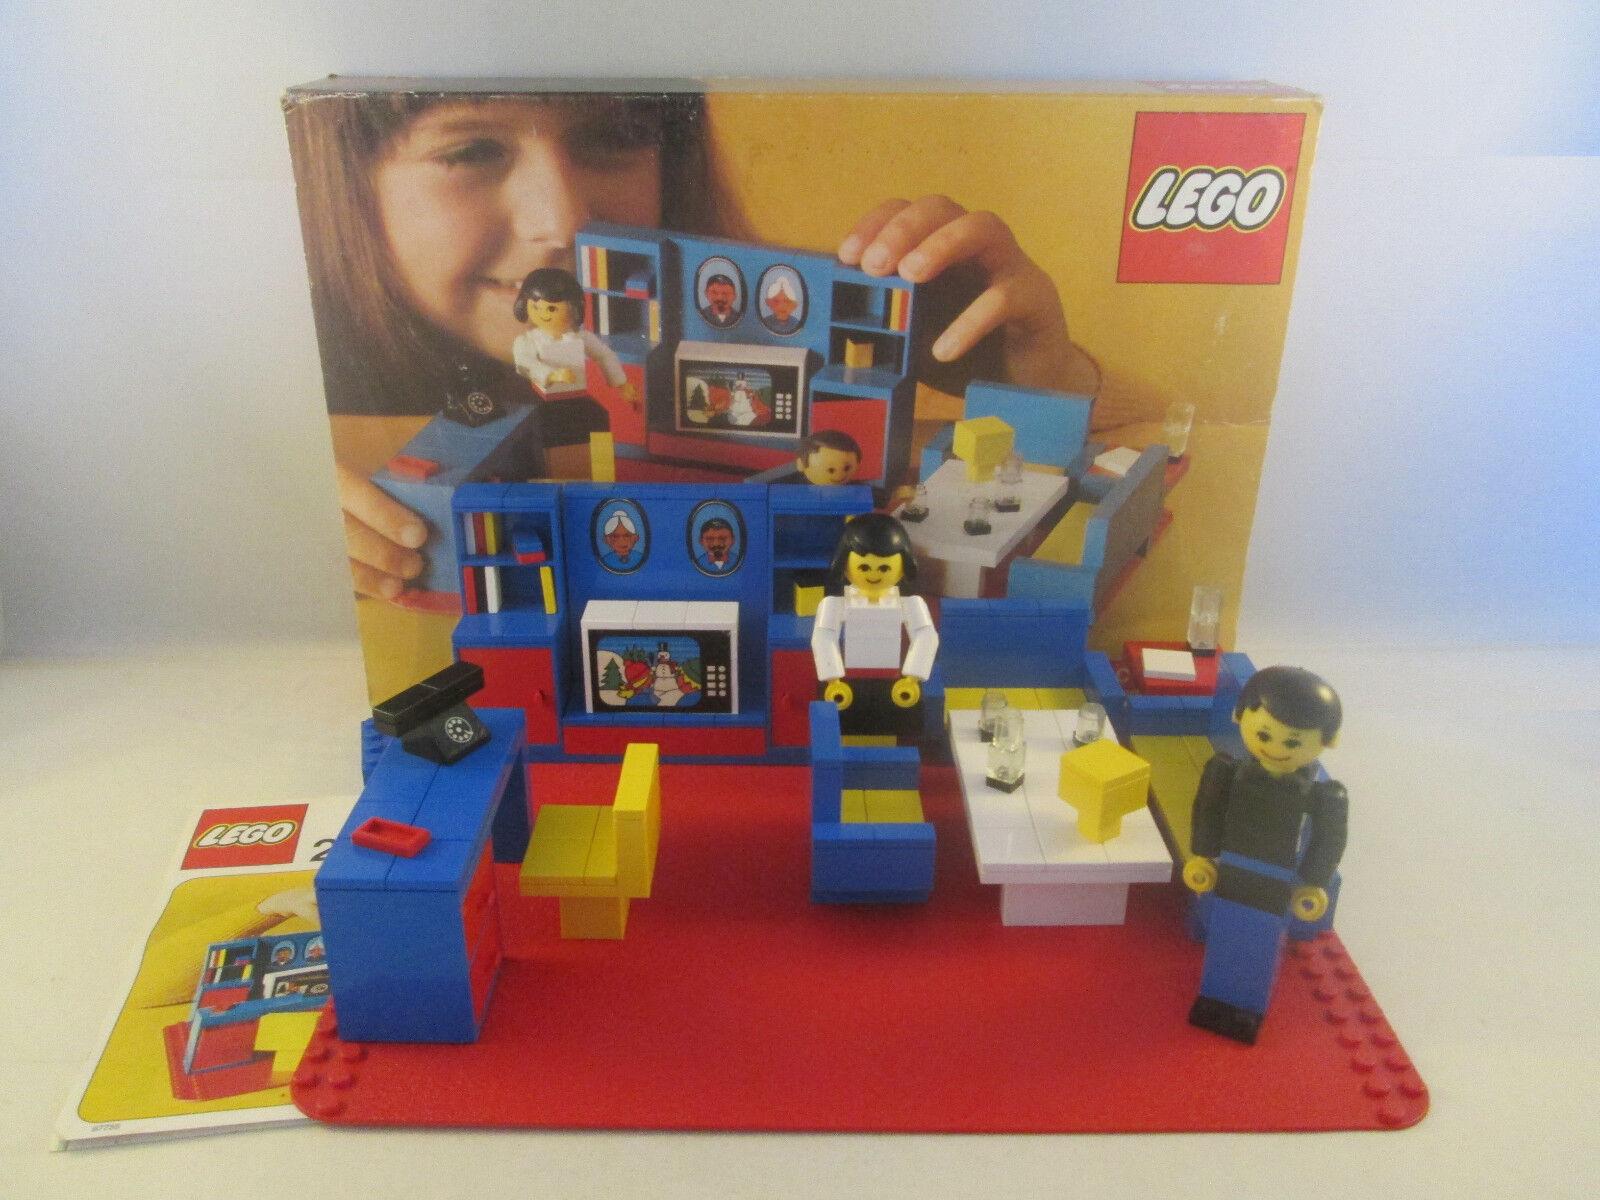 Lego Homemaker - 264 Living Room Set